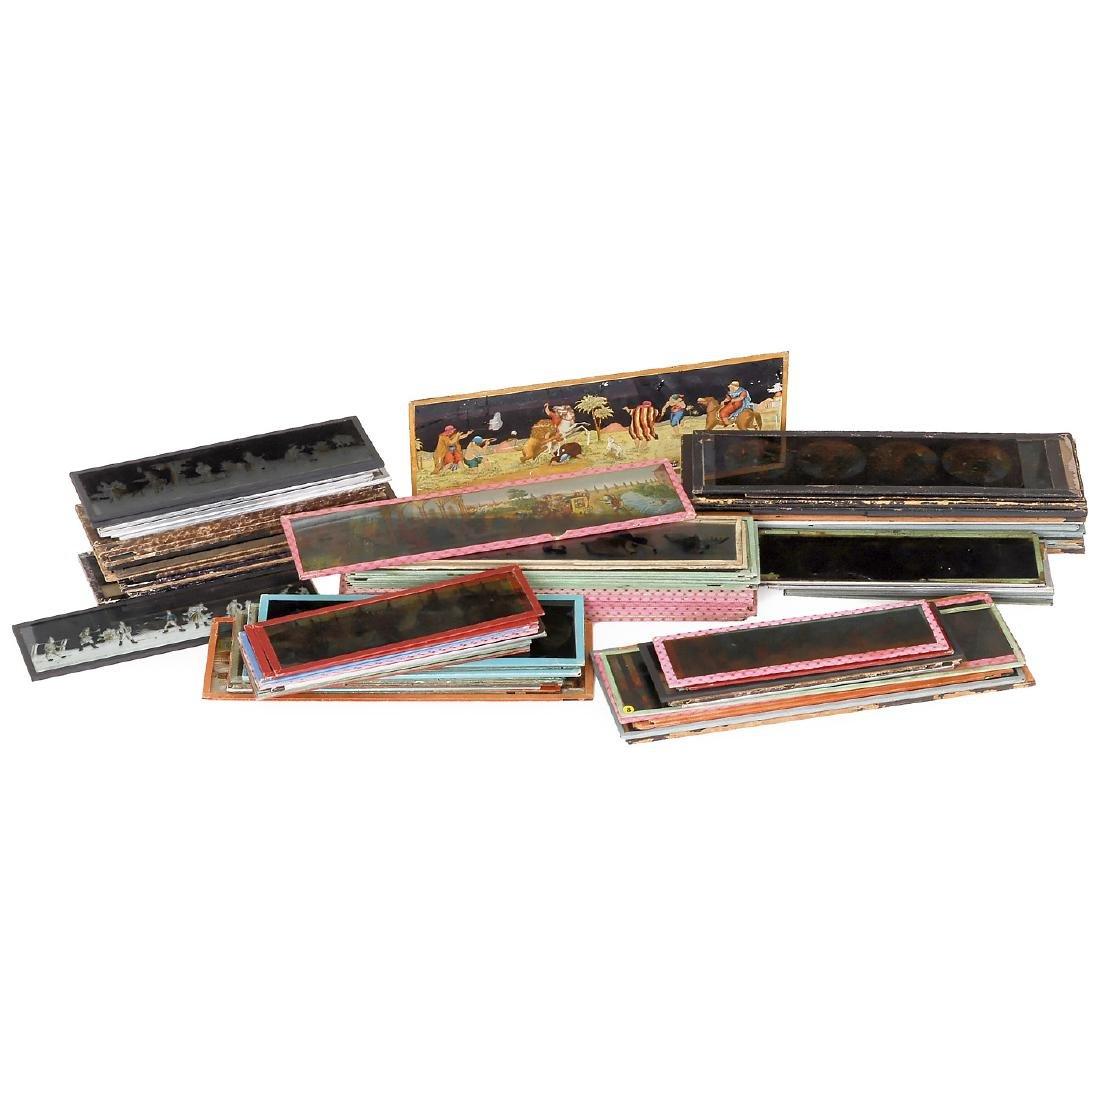 5 Boxes with Magic Lantern Panoramic Slides, c.